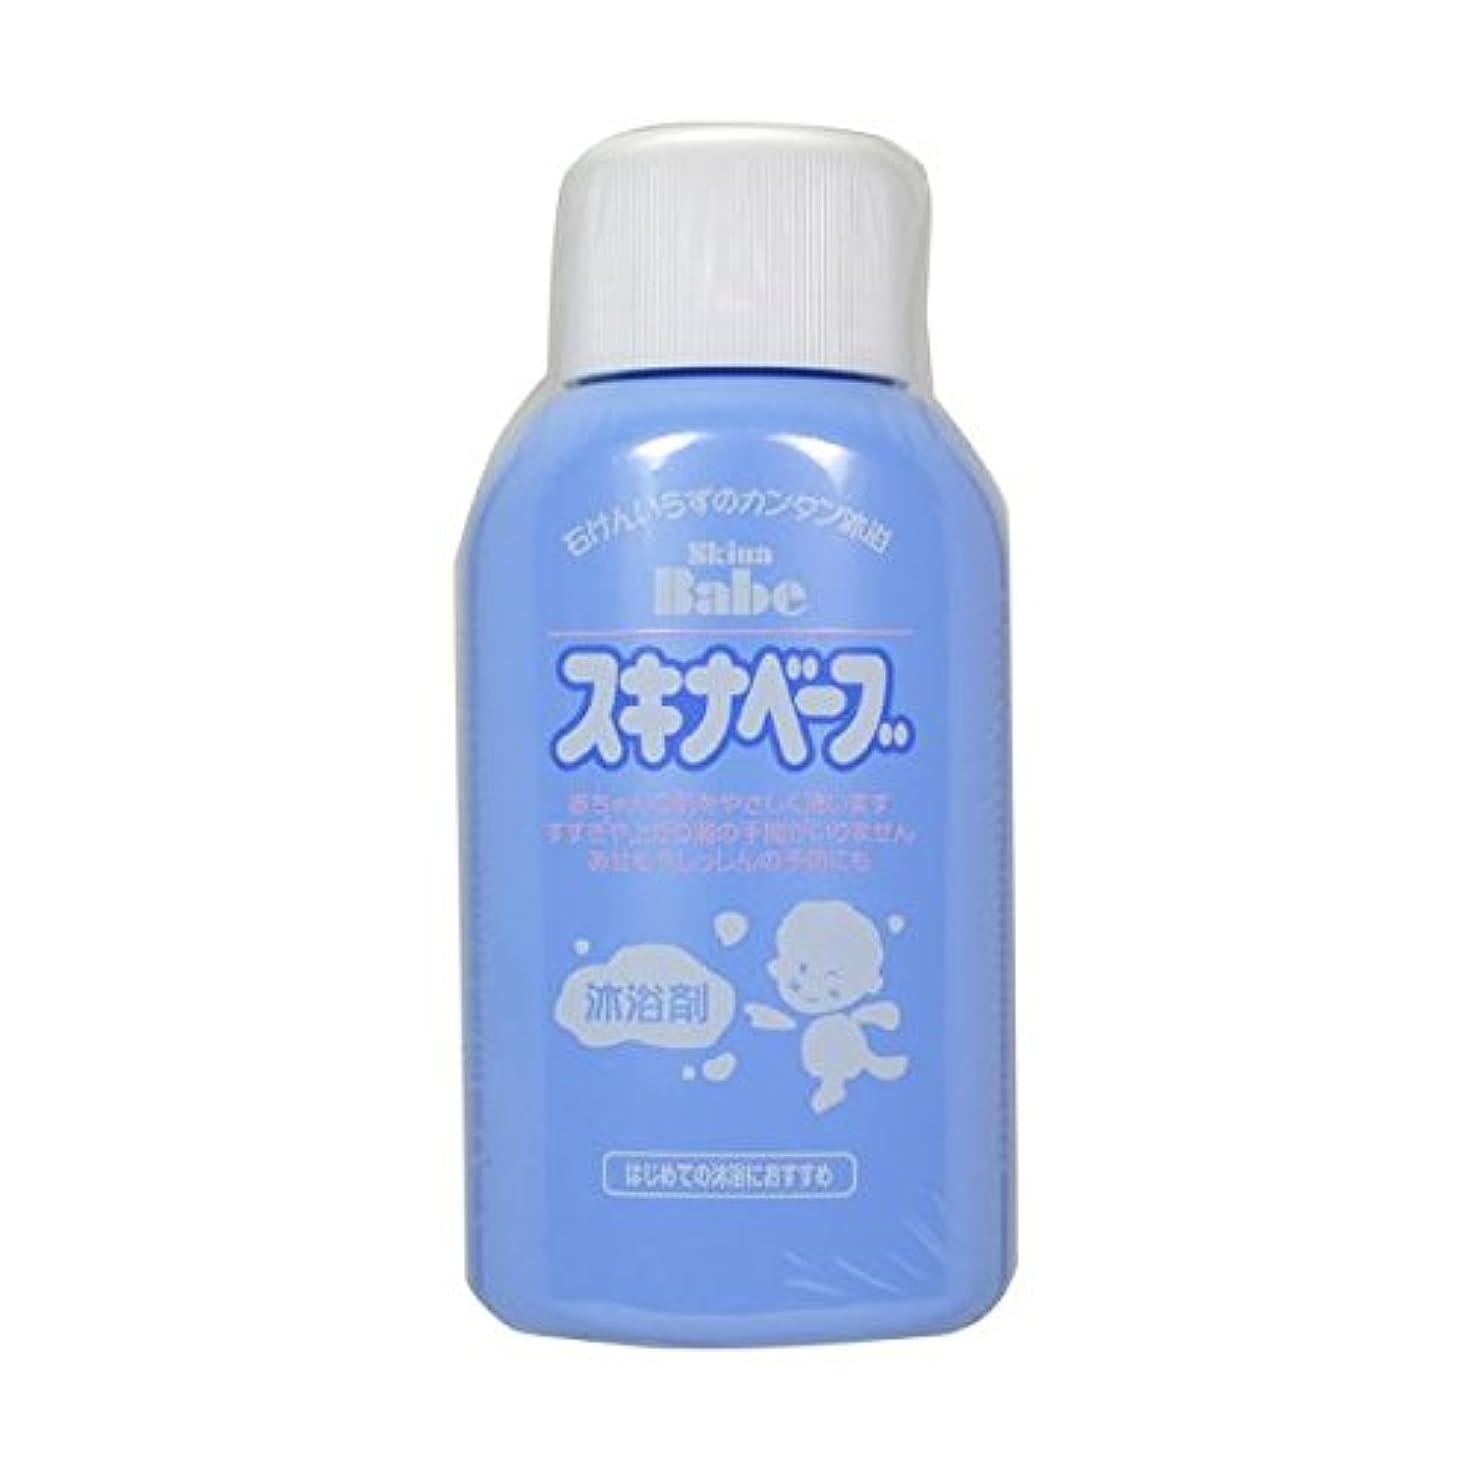 高原メニュー静けさスキナベーブ 200ml(入浴剤)×2個